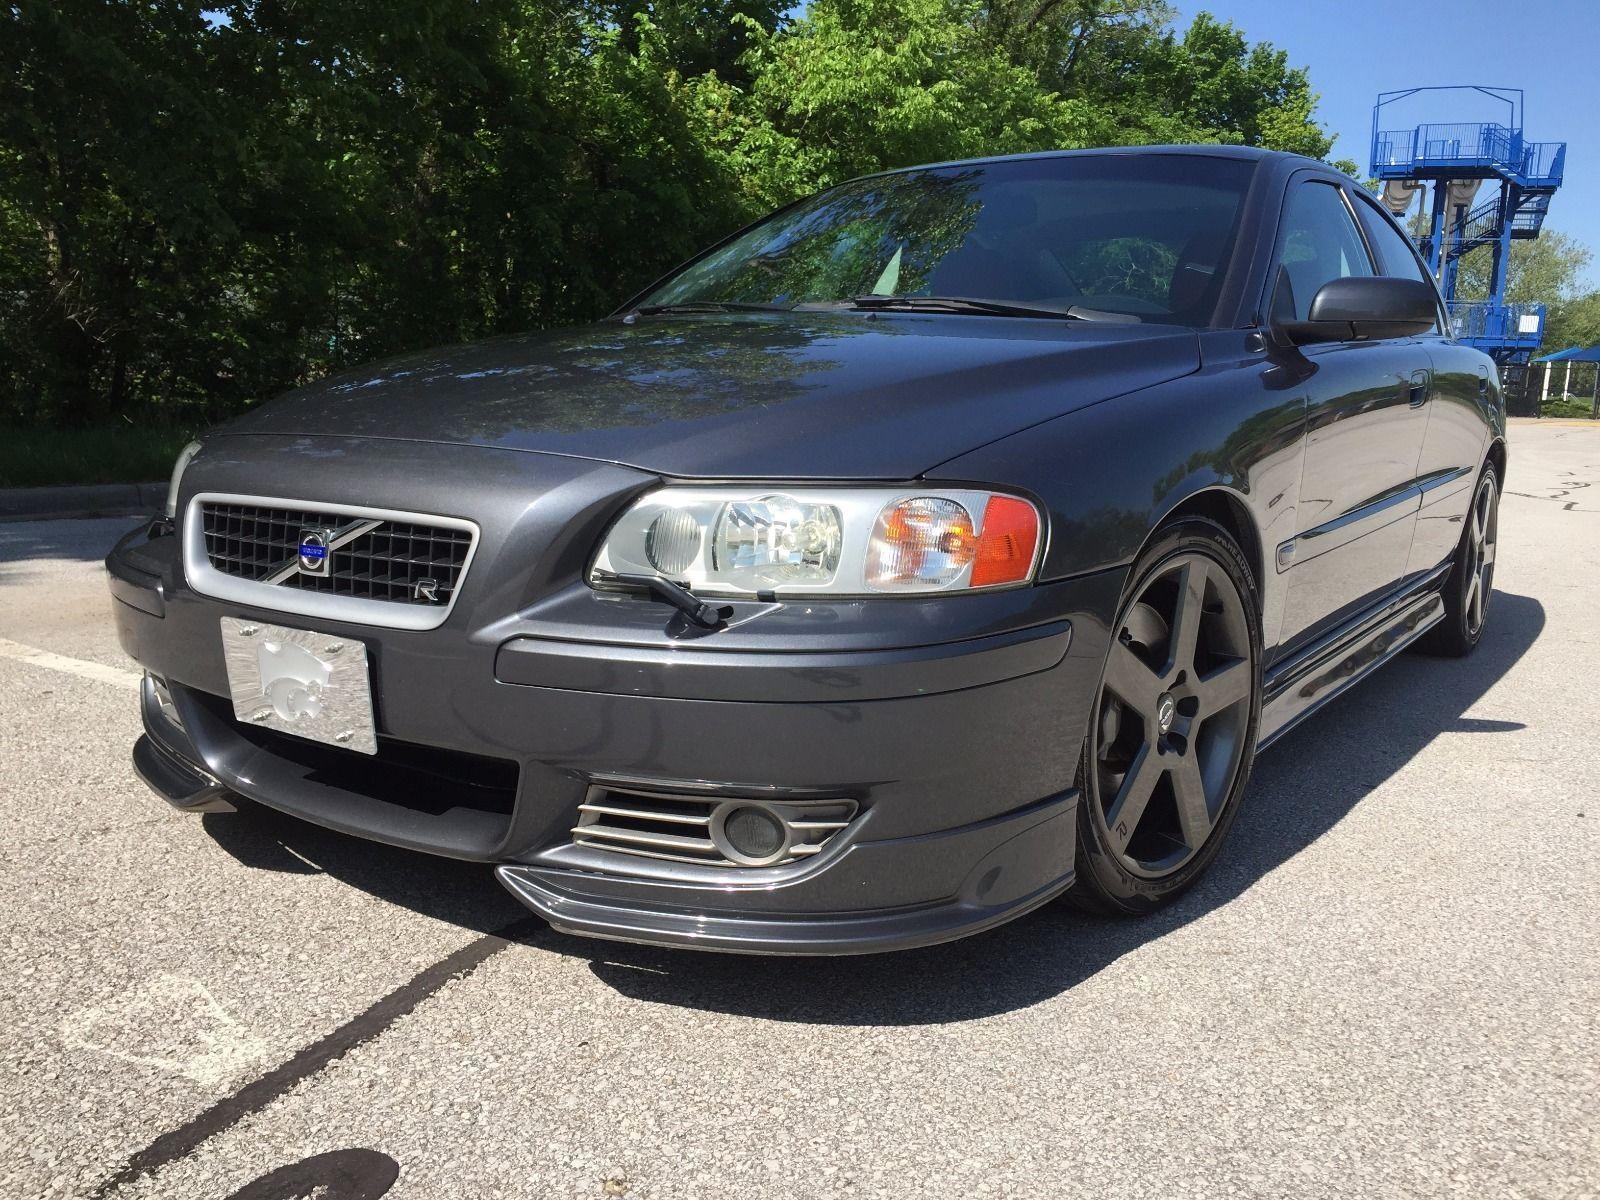 Volvo s60 r 2006 volvo s 60 r 300 hp turbo awd titanium atacama 84